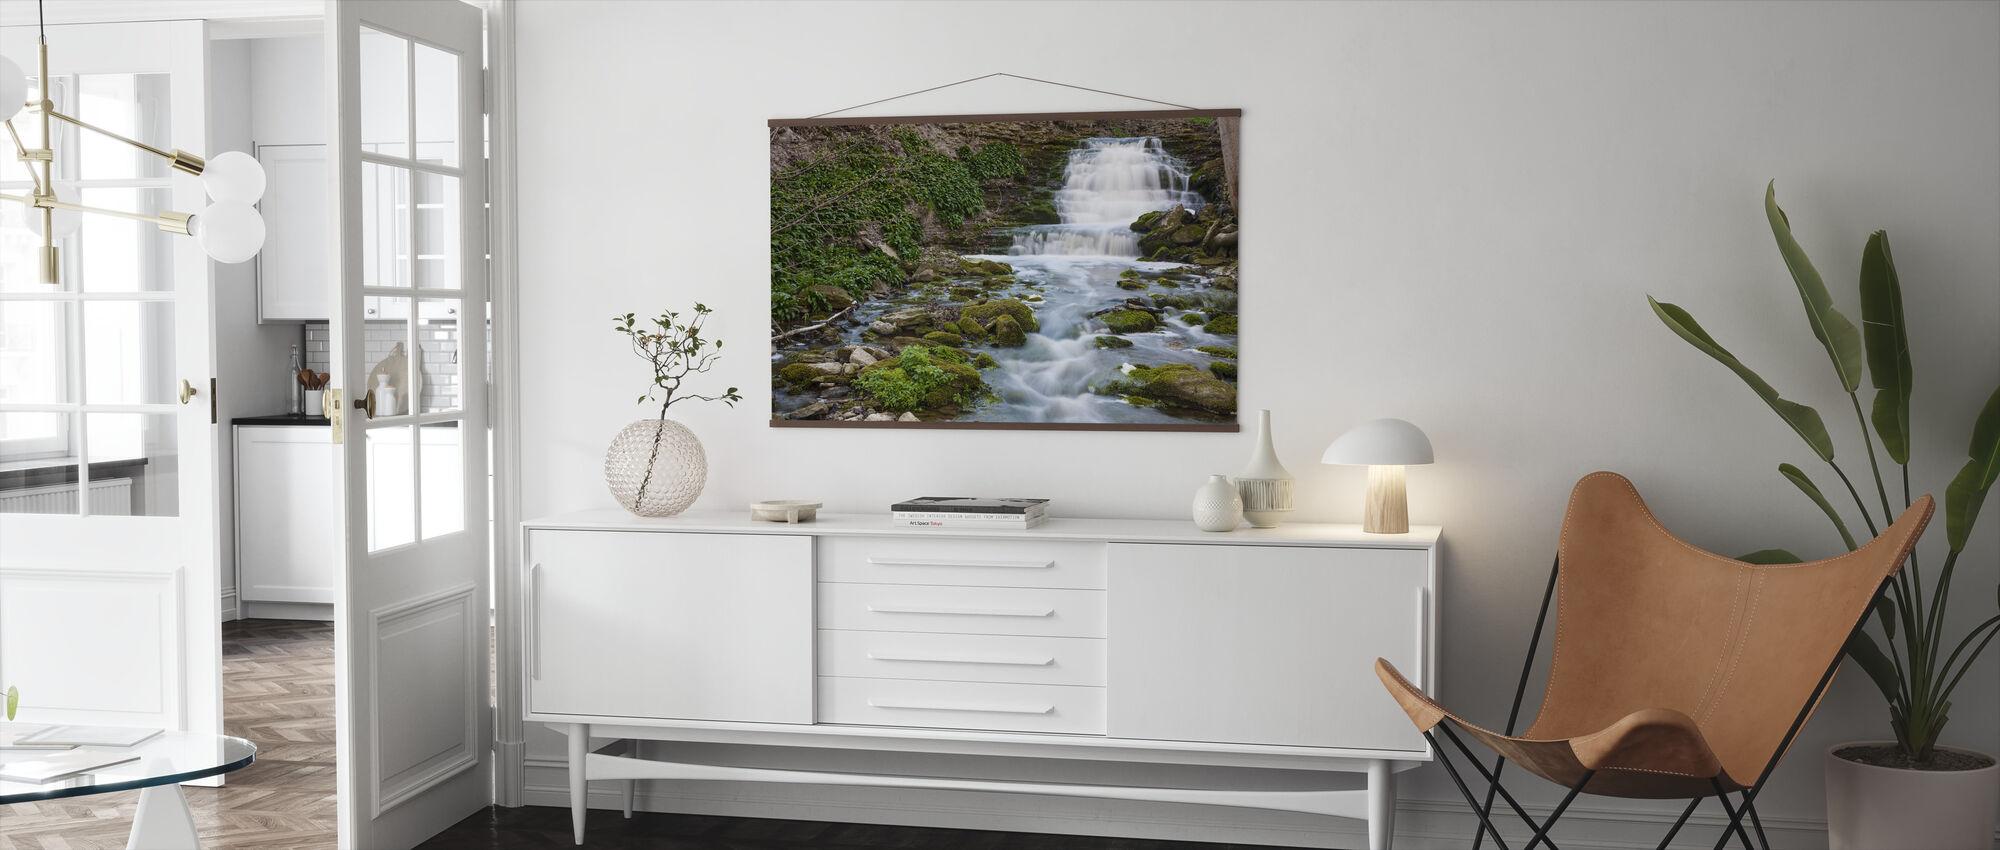 Stream, Gotland - Poster - Living Room